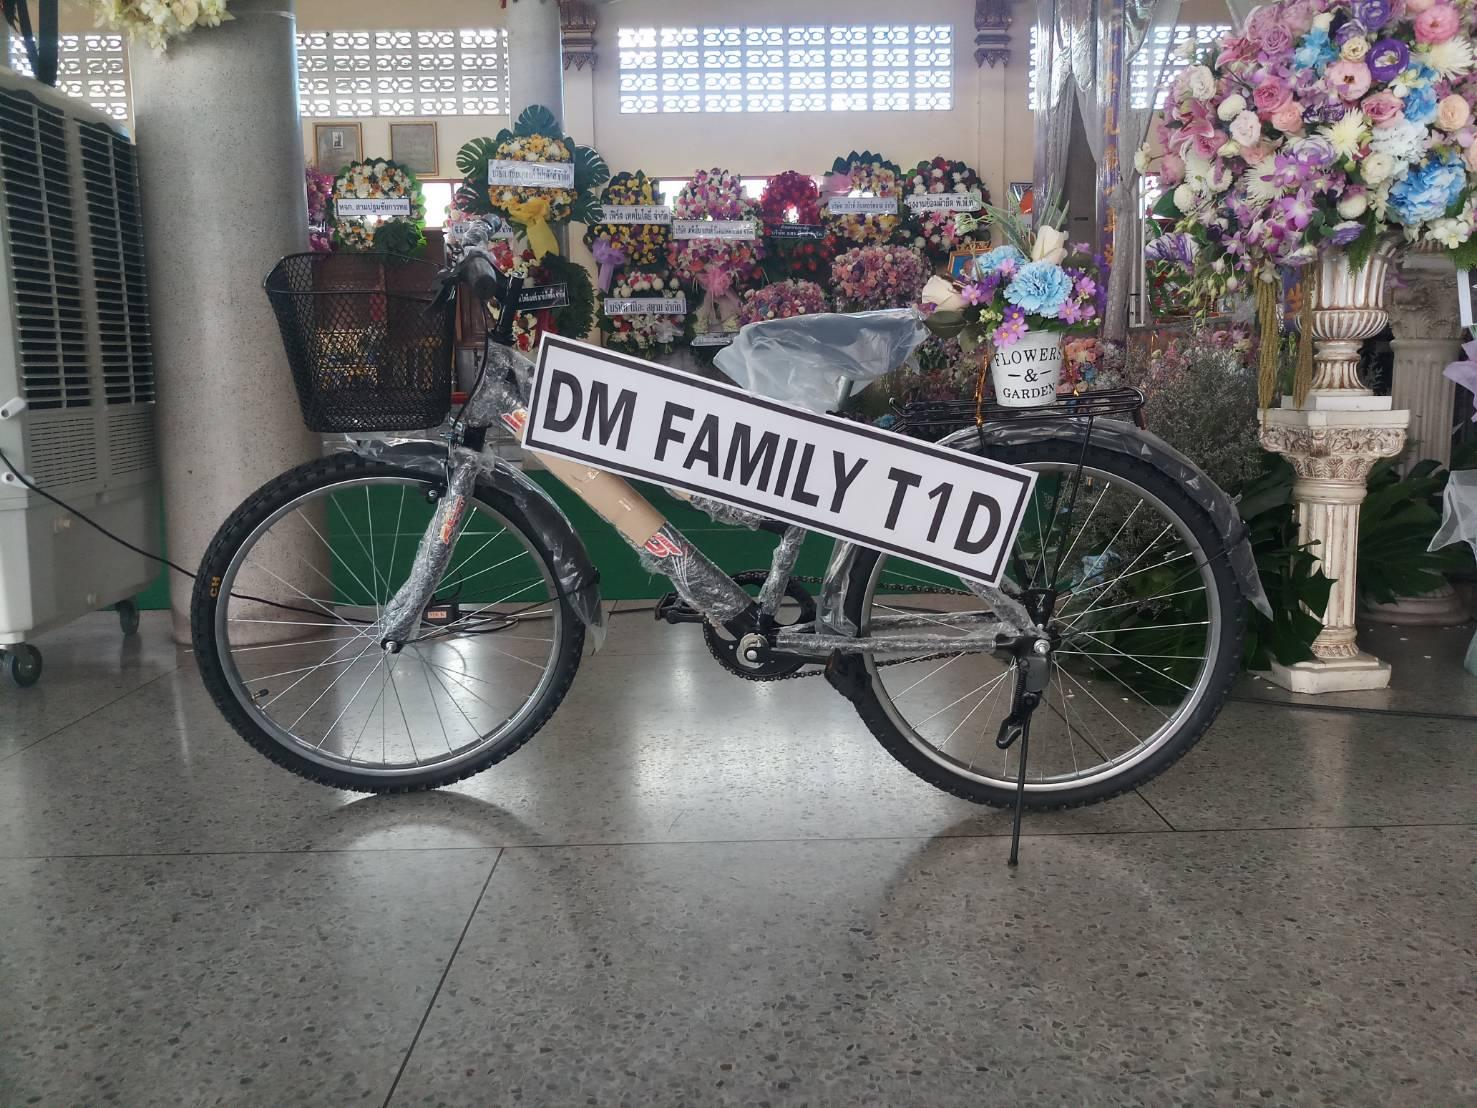 DM Family